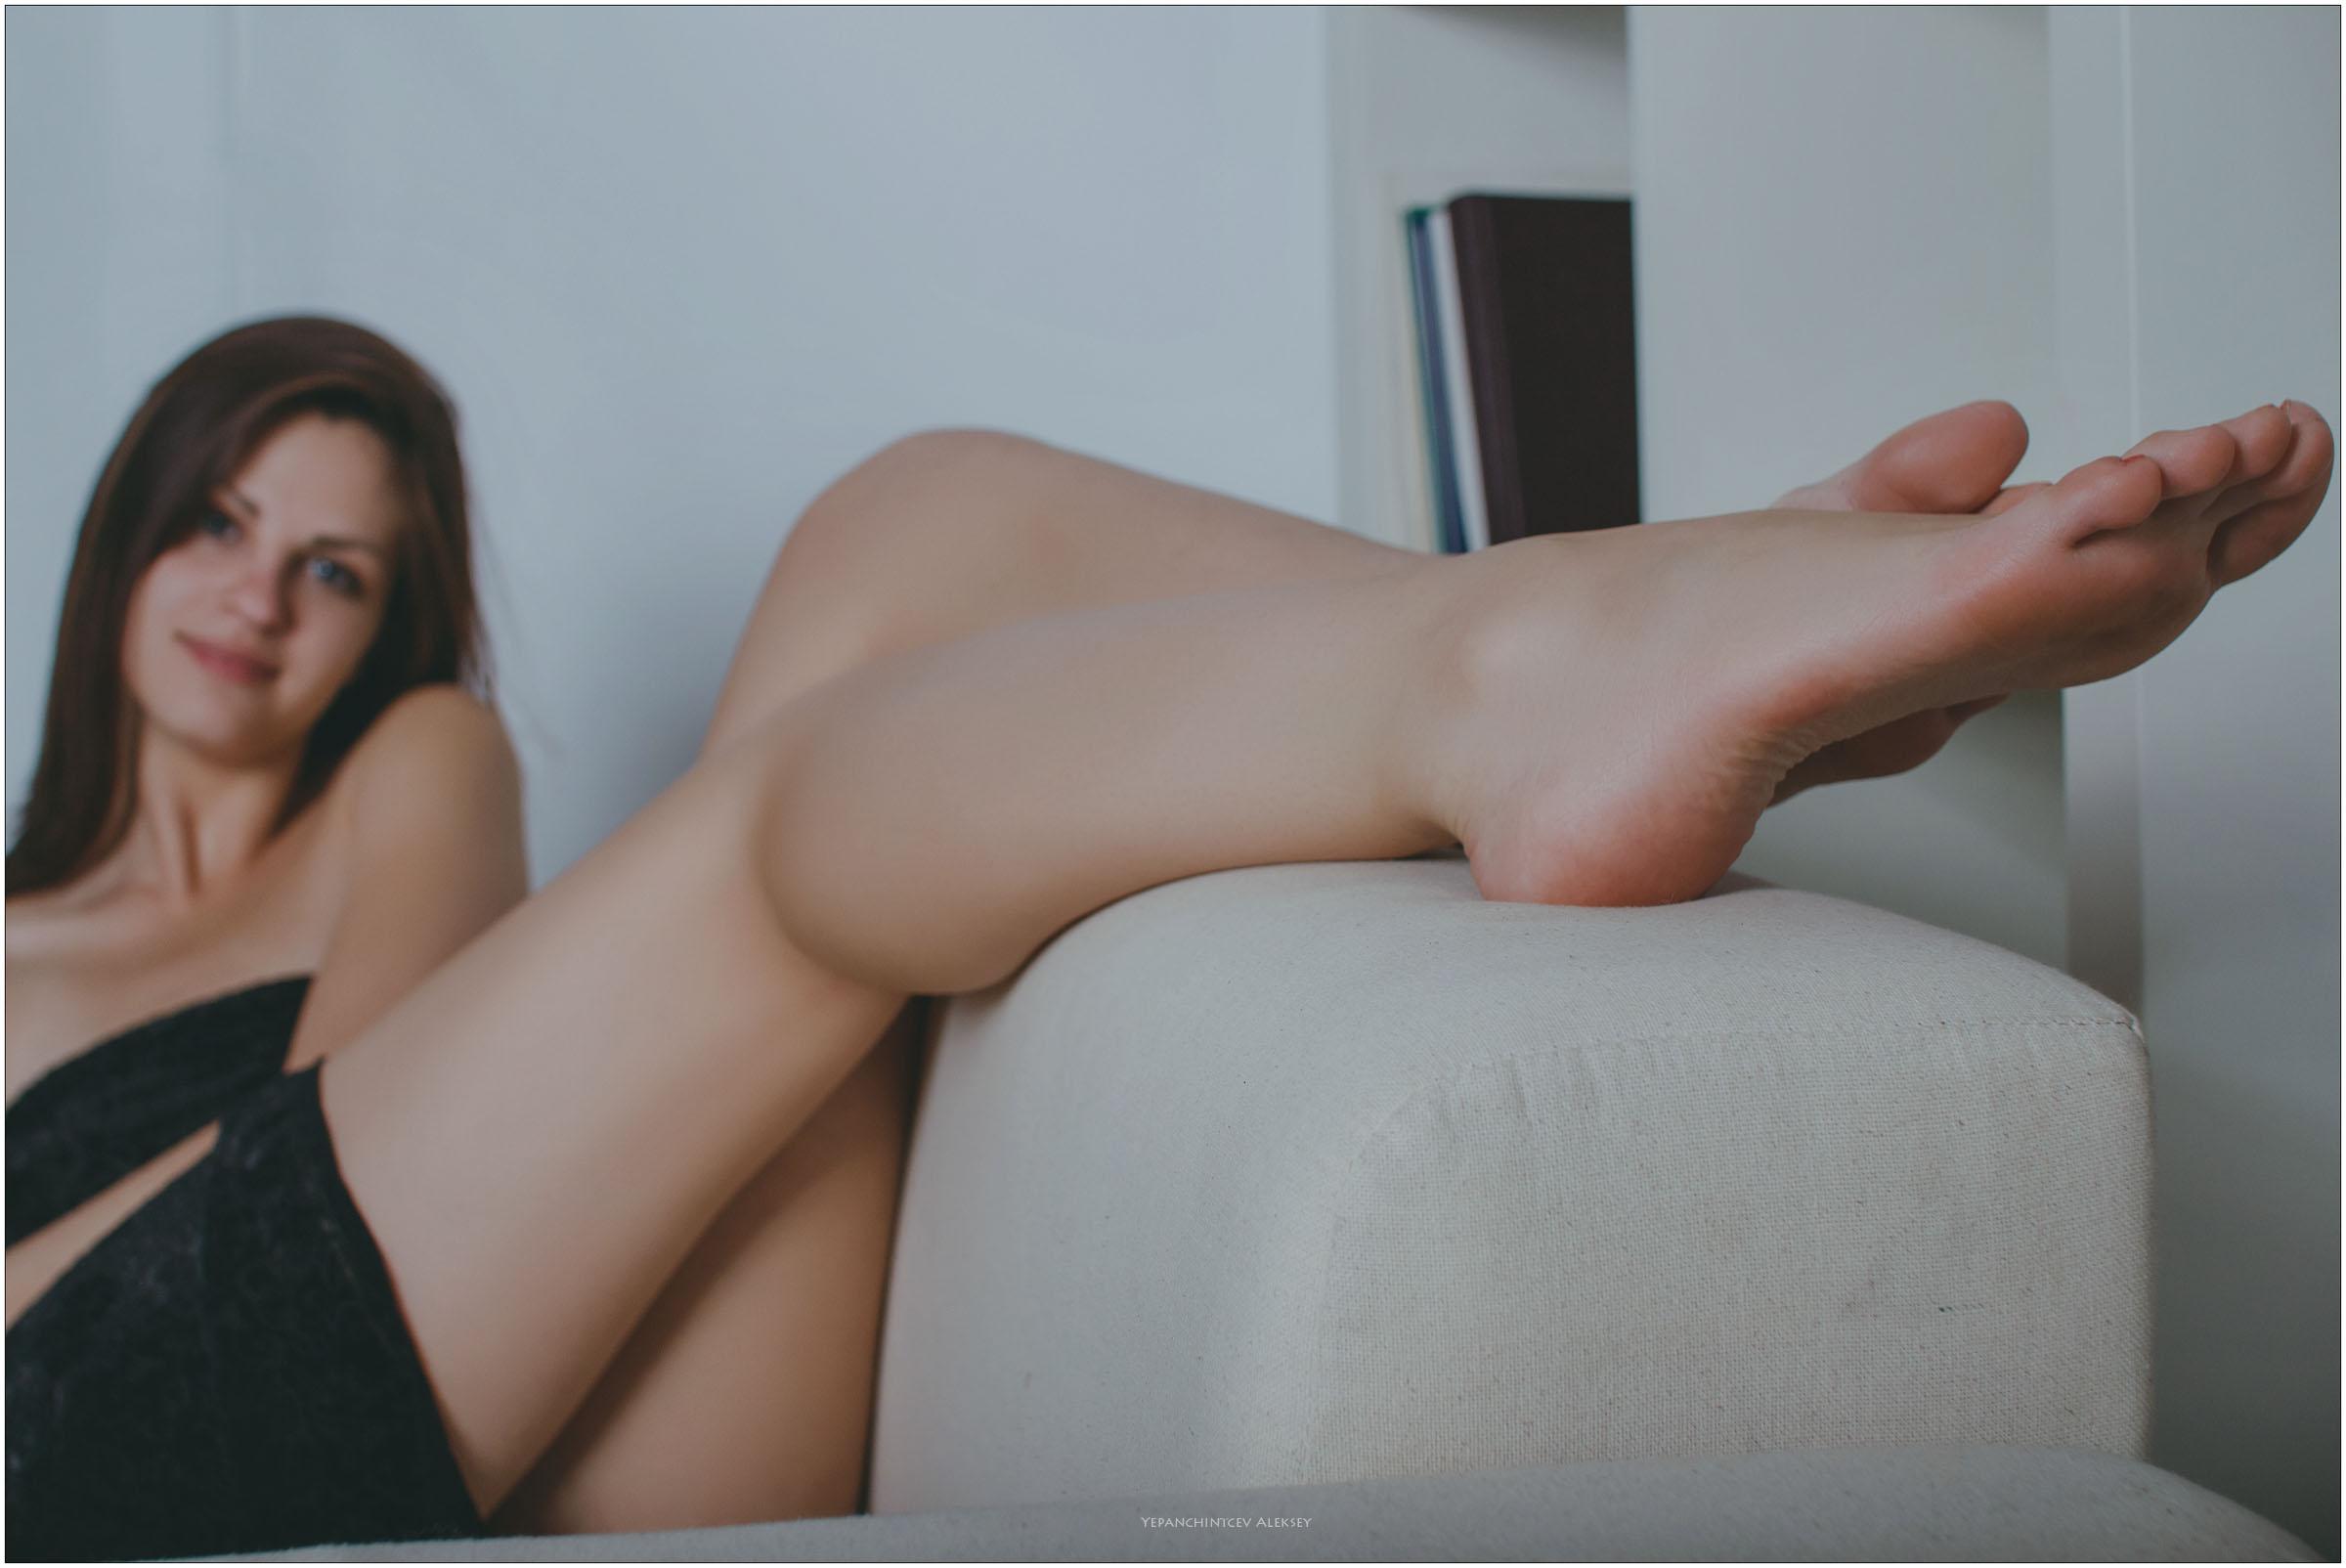 Широко раздвигает ножки гладит киску, Широко раздвинула ноги соло - видео 10 фотография